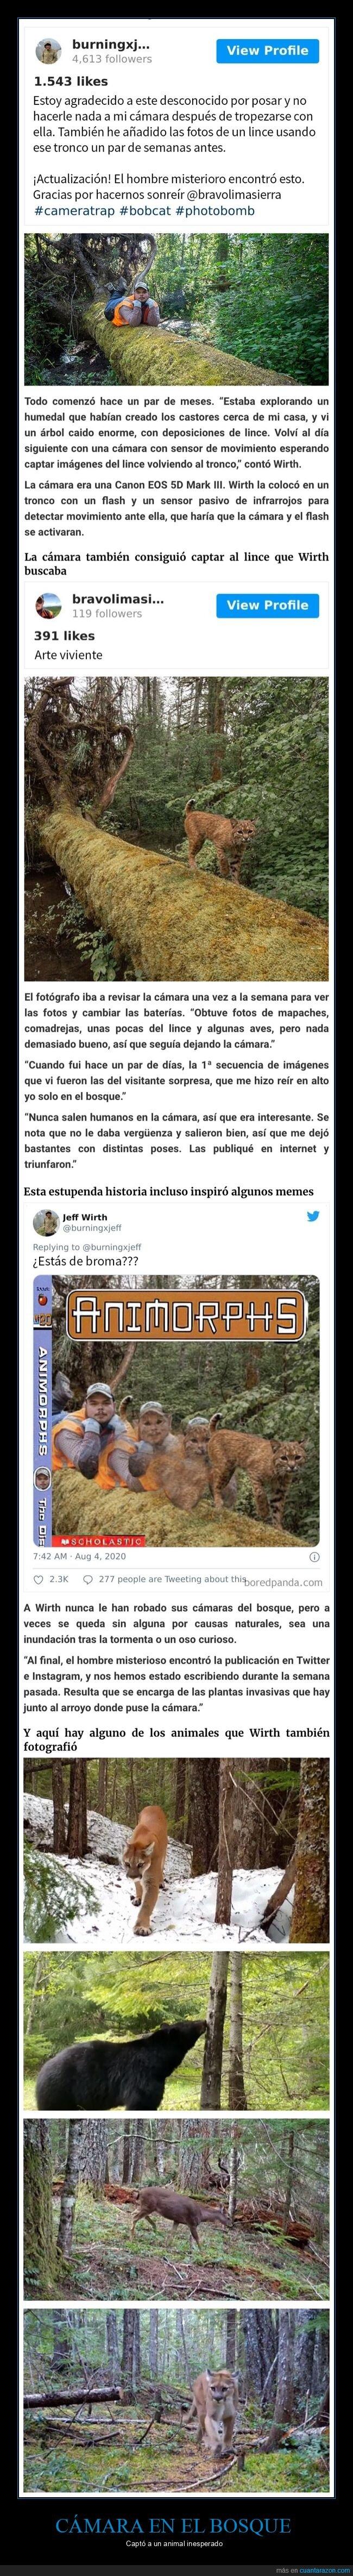 animales,bosque,cámara,humano